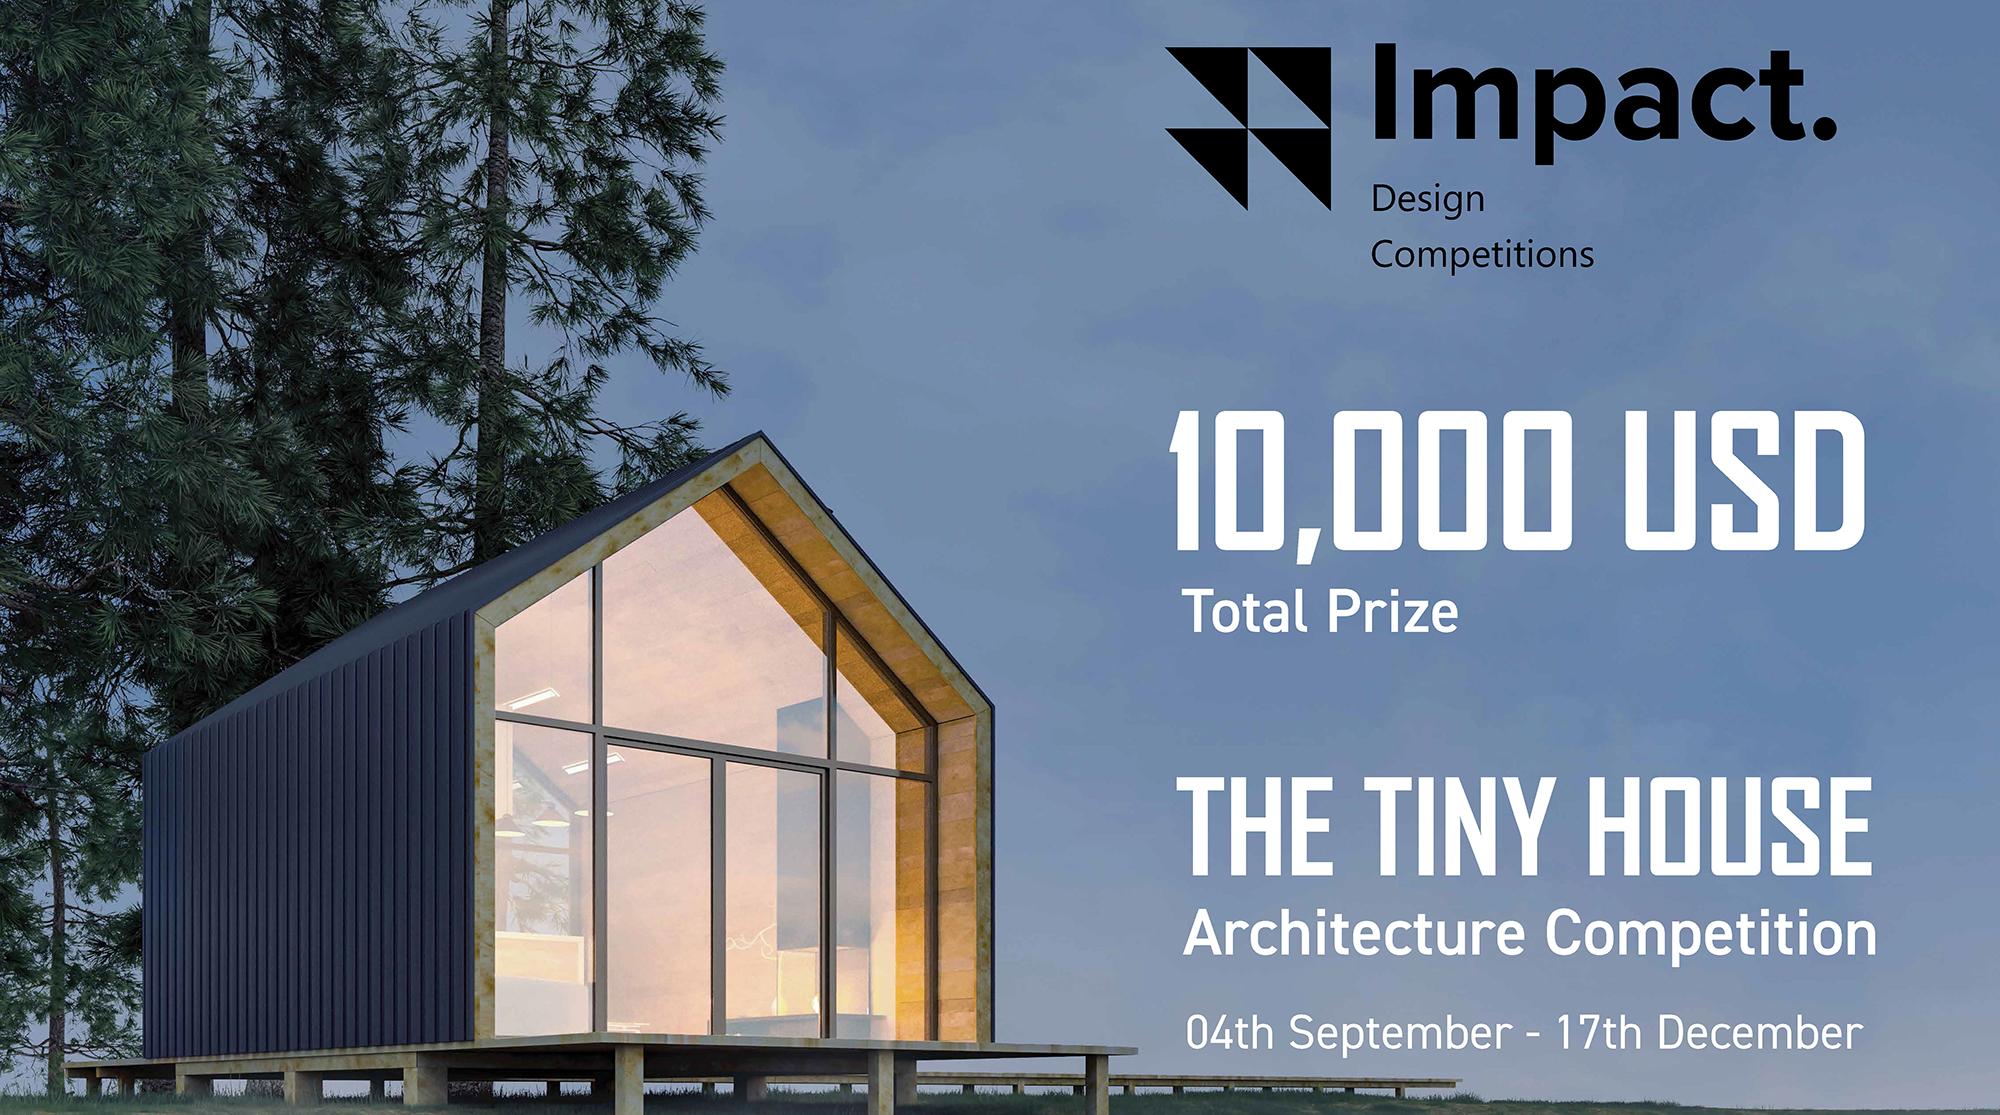 微型住宅(THE TINY HOUSE)建筑竞赛